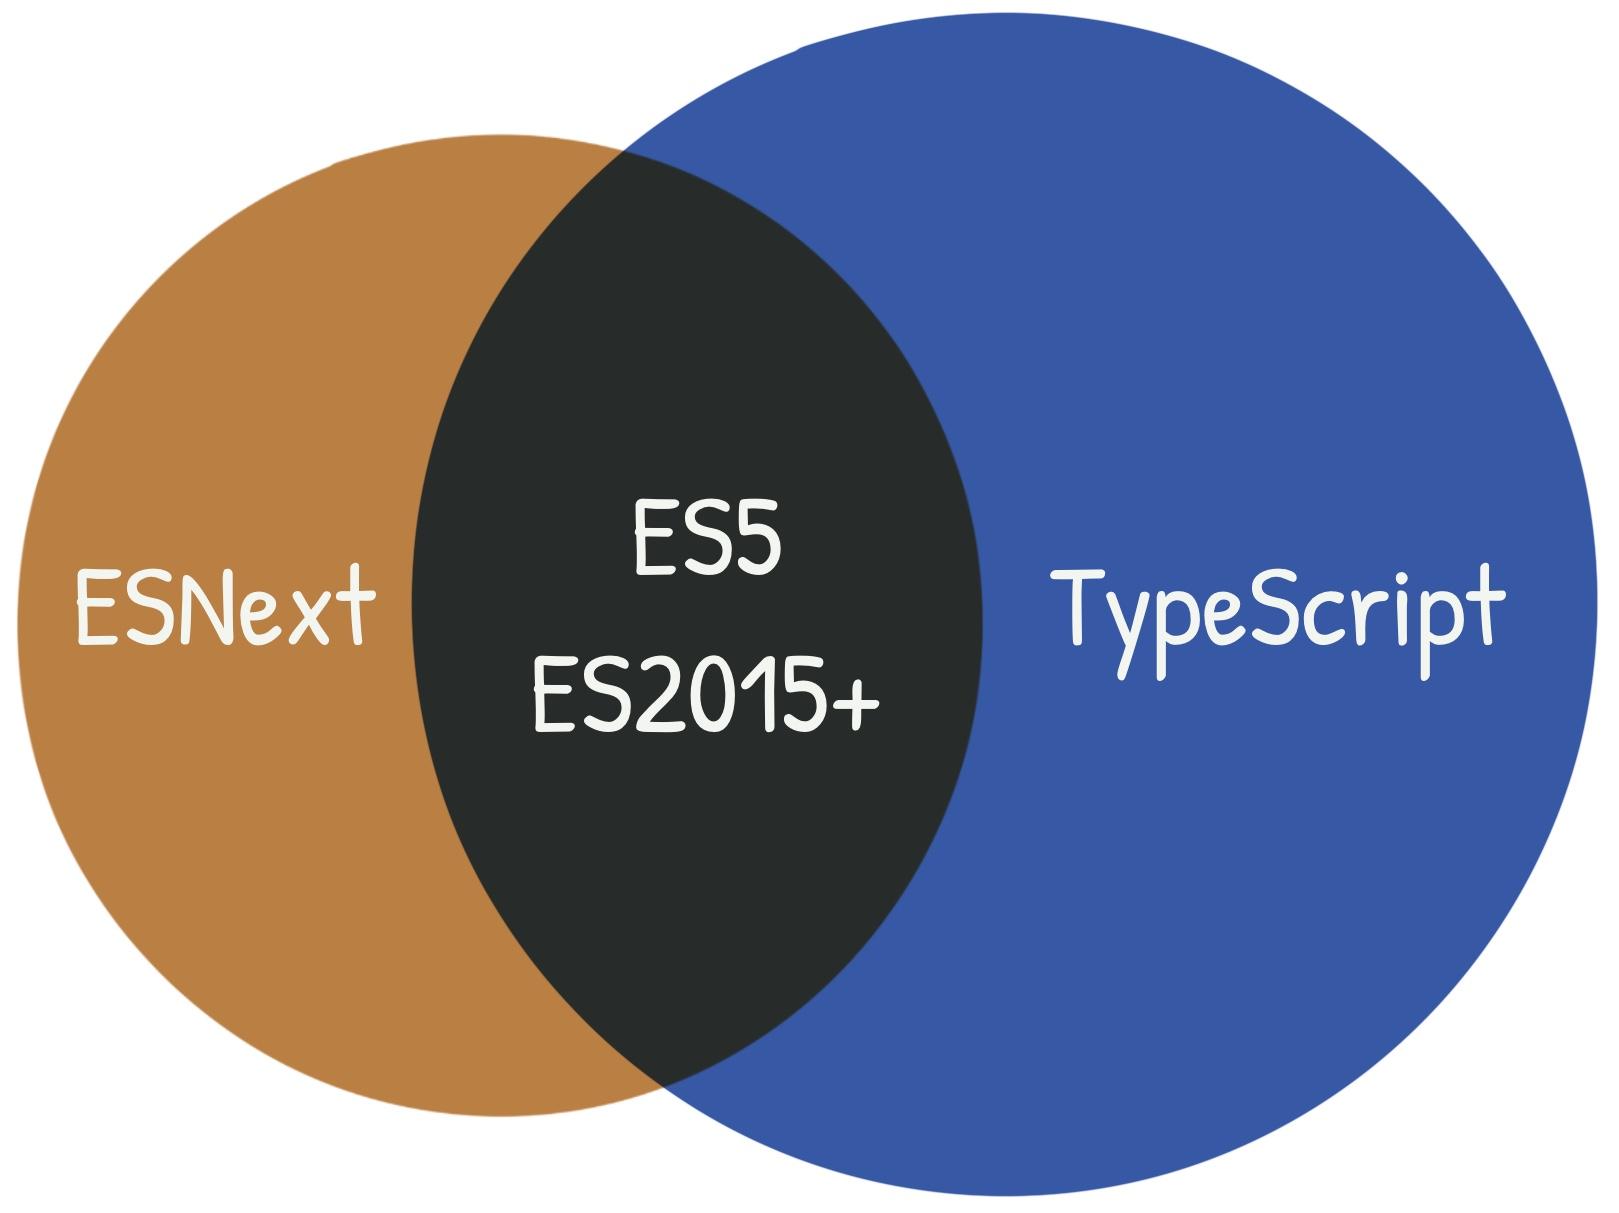 ES5, ES2015+, ESNext, and TypeScript